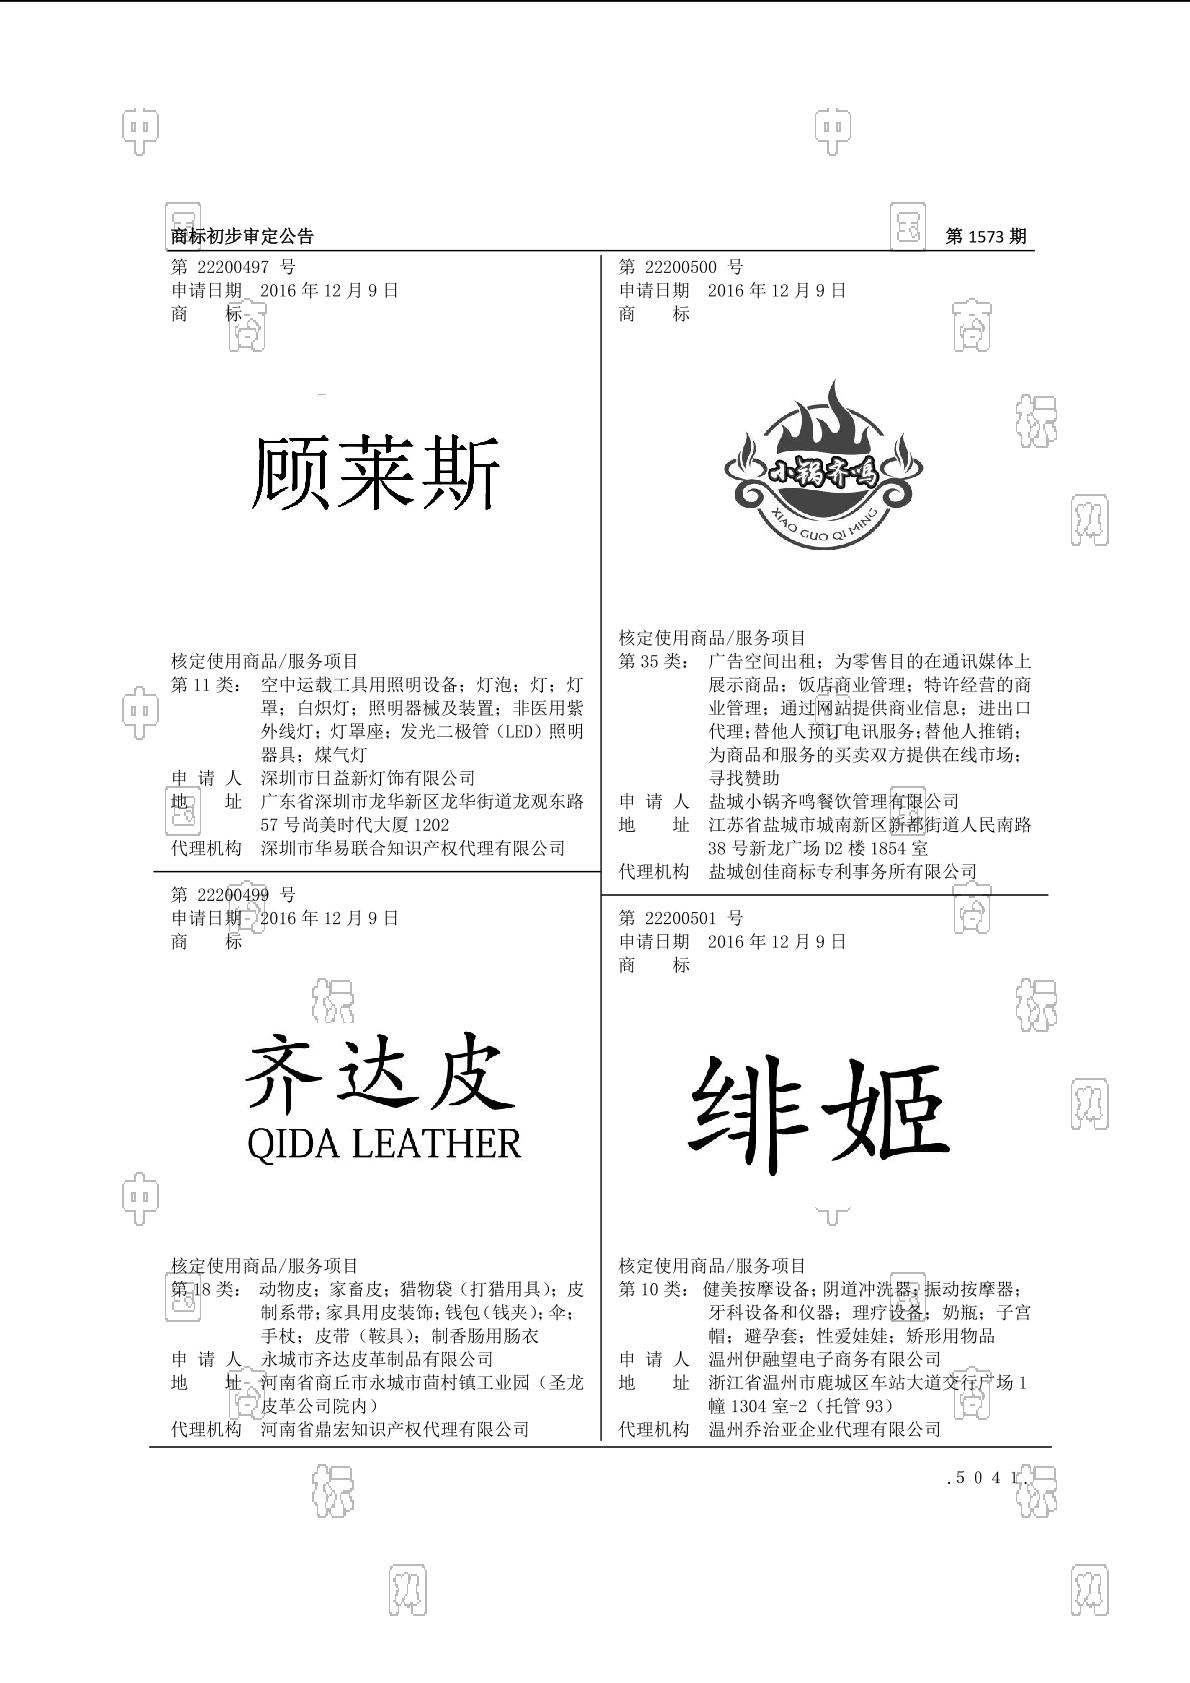 【社标网】齐达皮 QIDA LEATHER商标状态注册号信息 卢孔齐(***)商标信息-商标查询